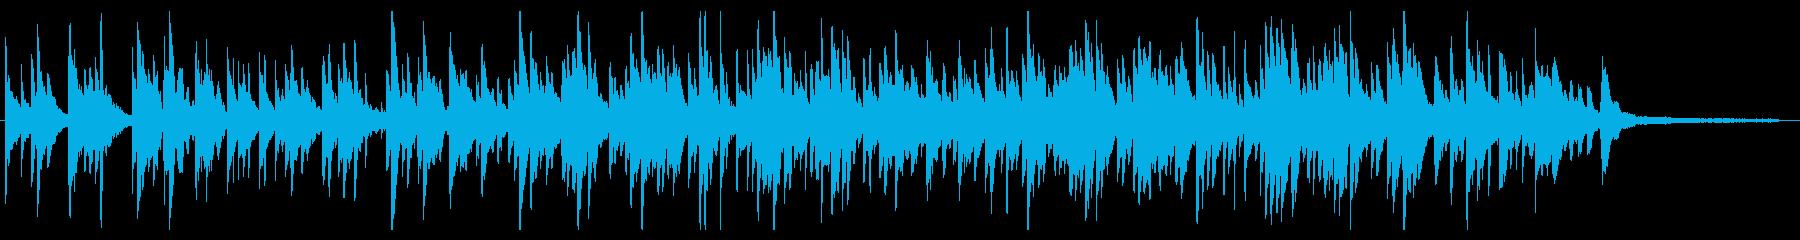 優しい 少し切ないヒーリングの再生済みの波形